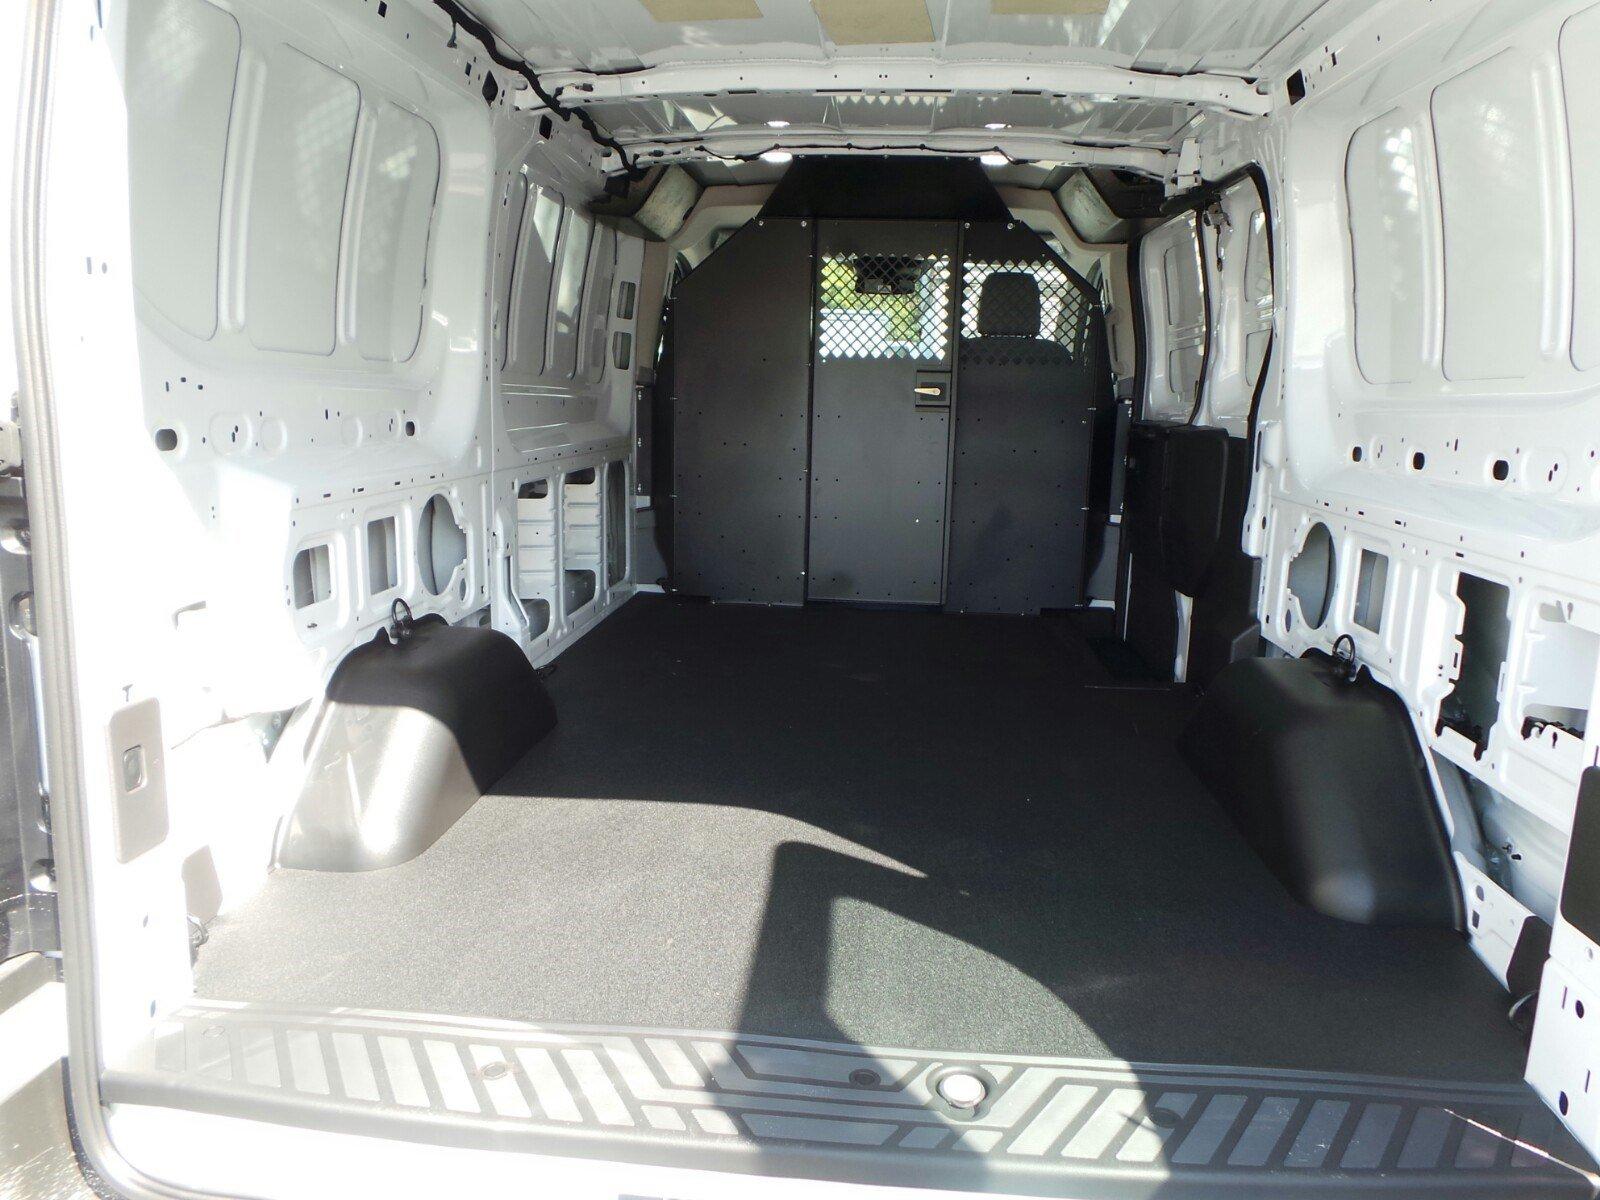 2019 Transit 250 Low Roof 4x2,  Empty Cargo Van #ST025 - photo 1